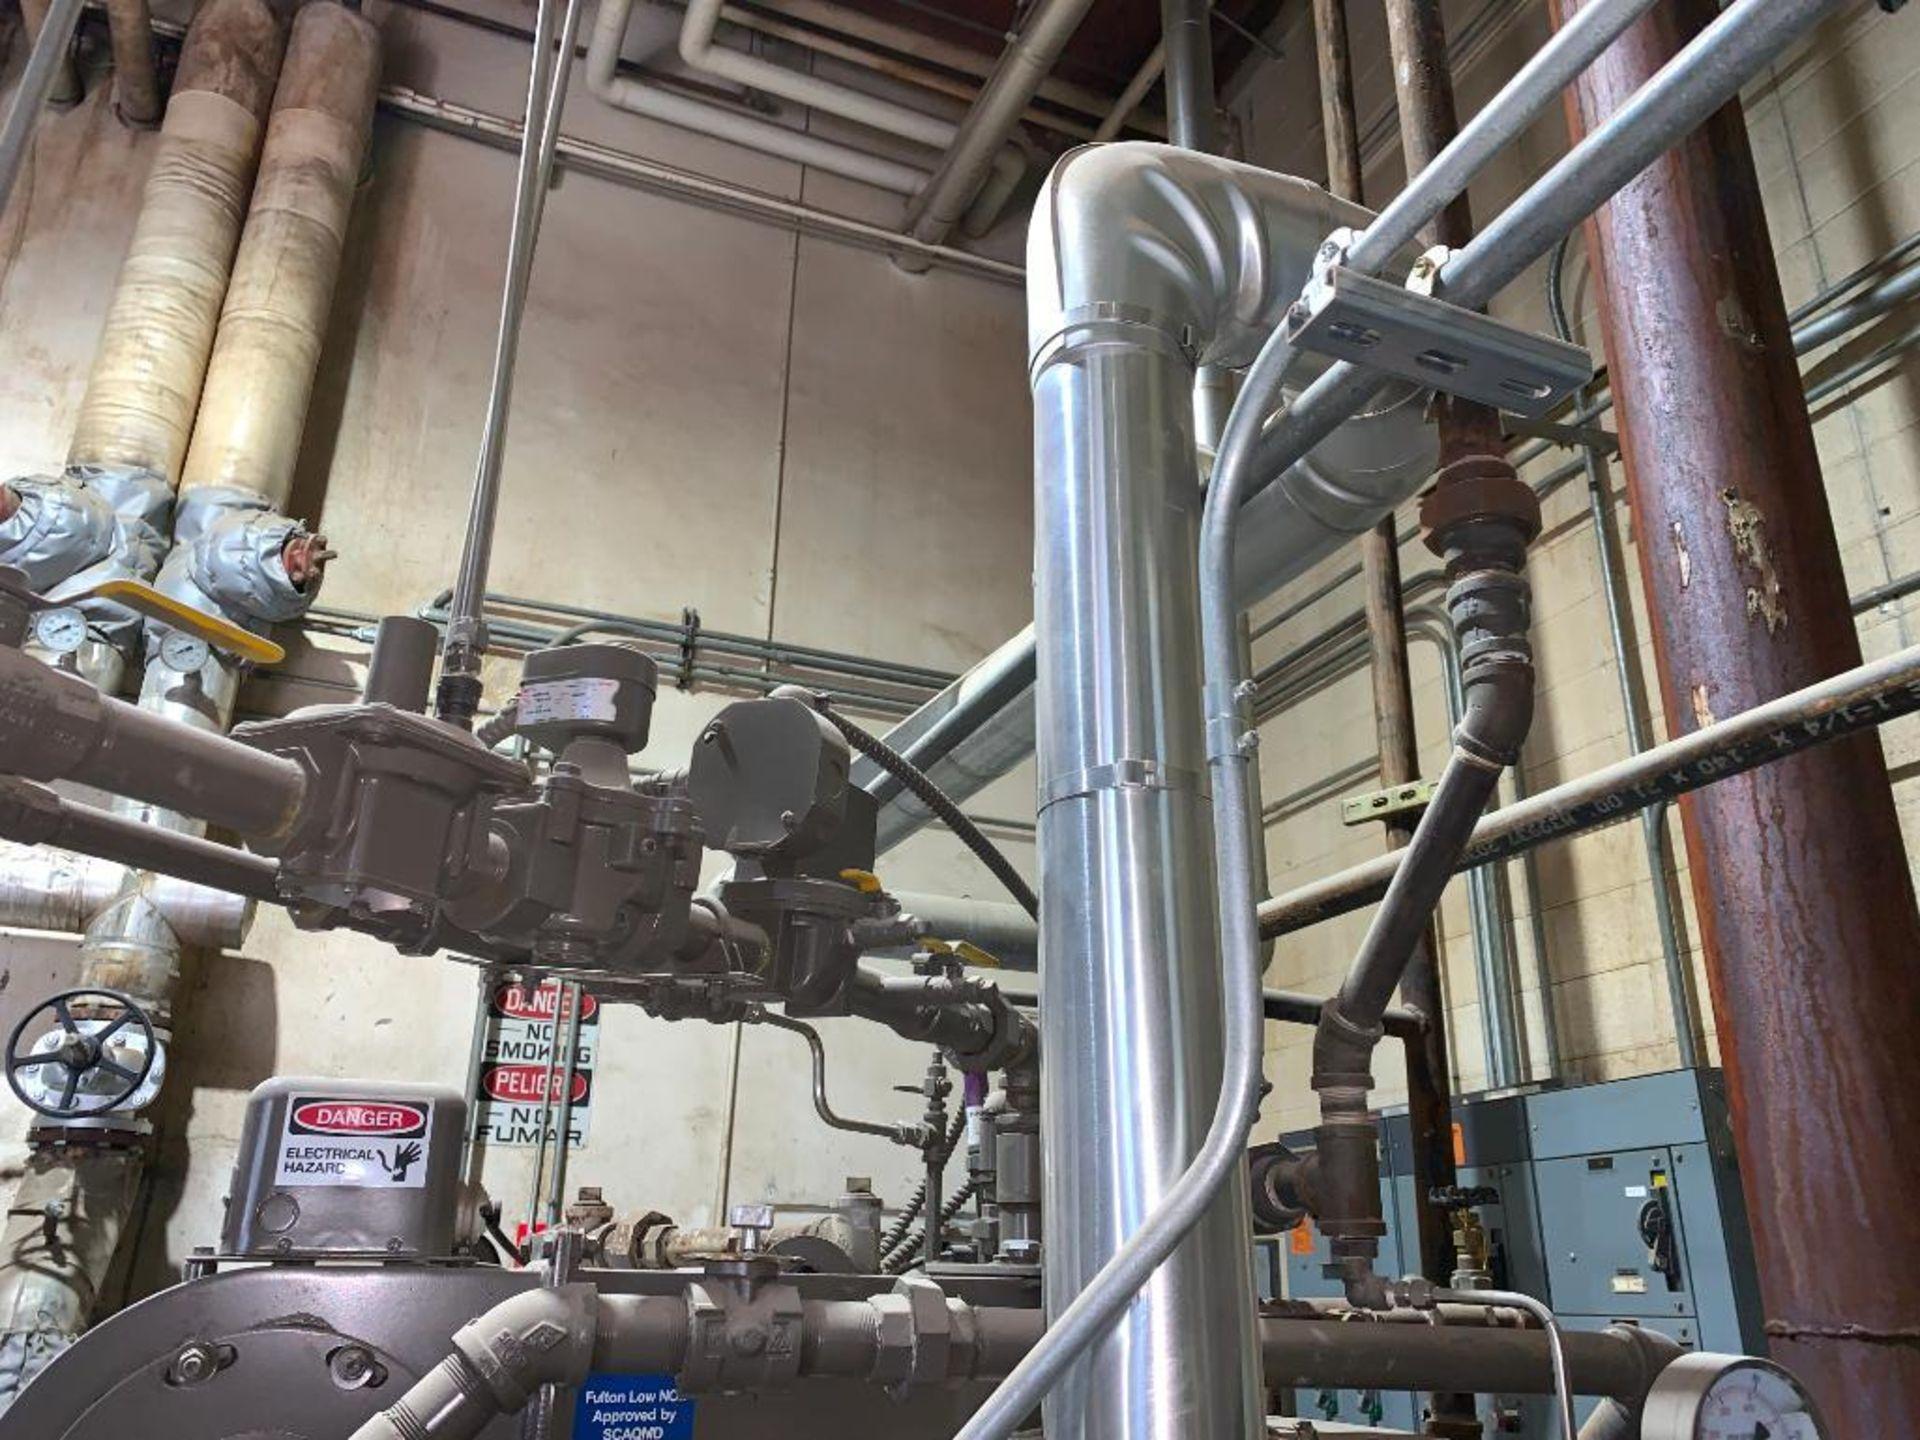 2014 Fulton steam boiler - Image 6 of 23